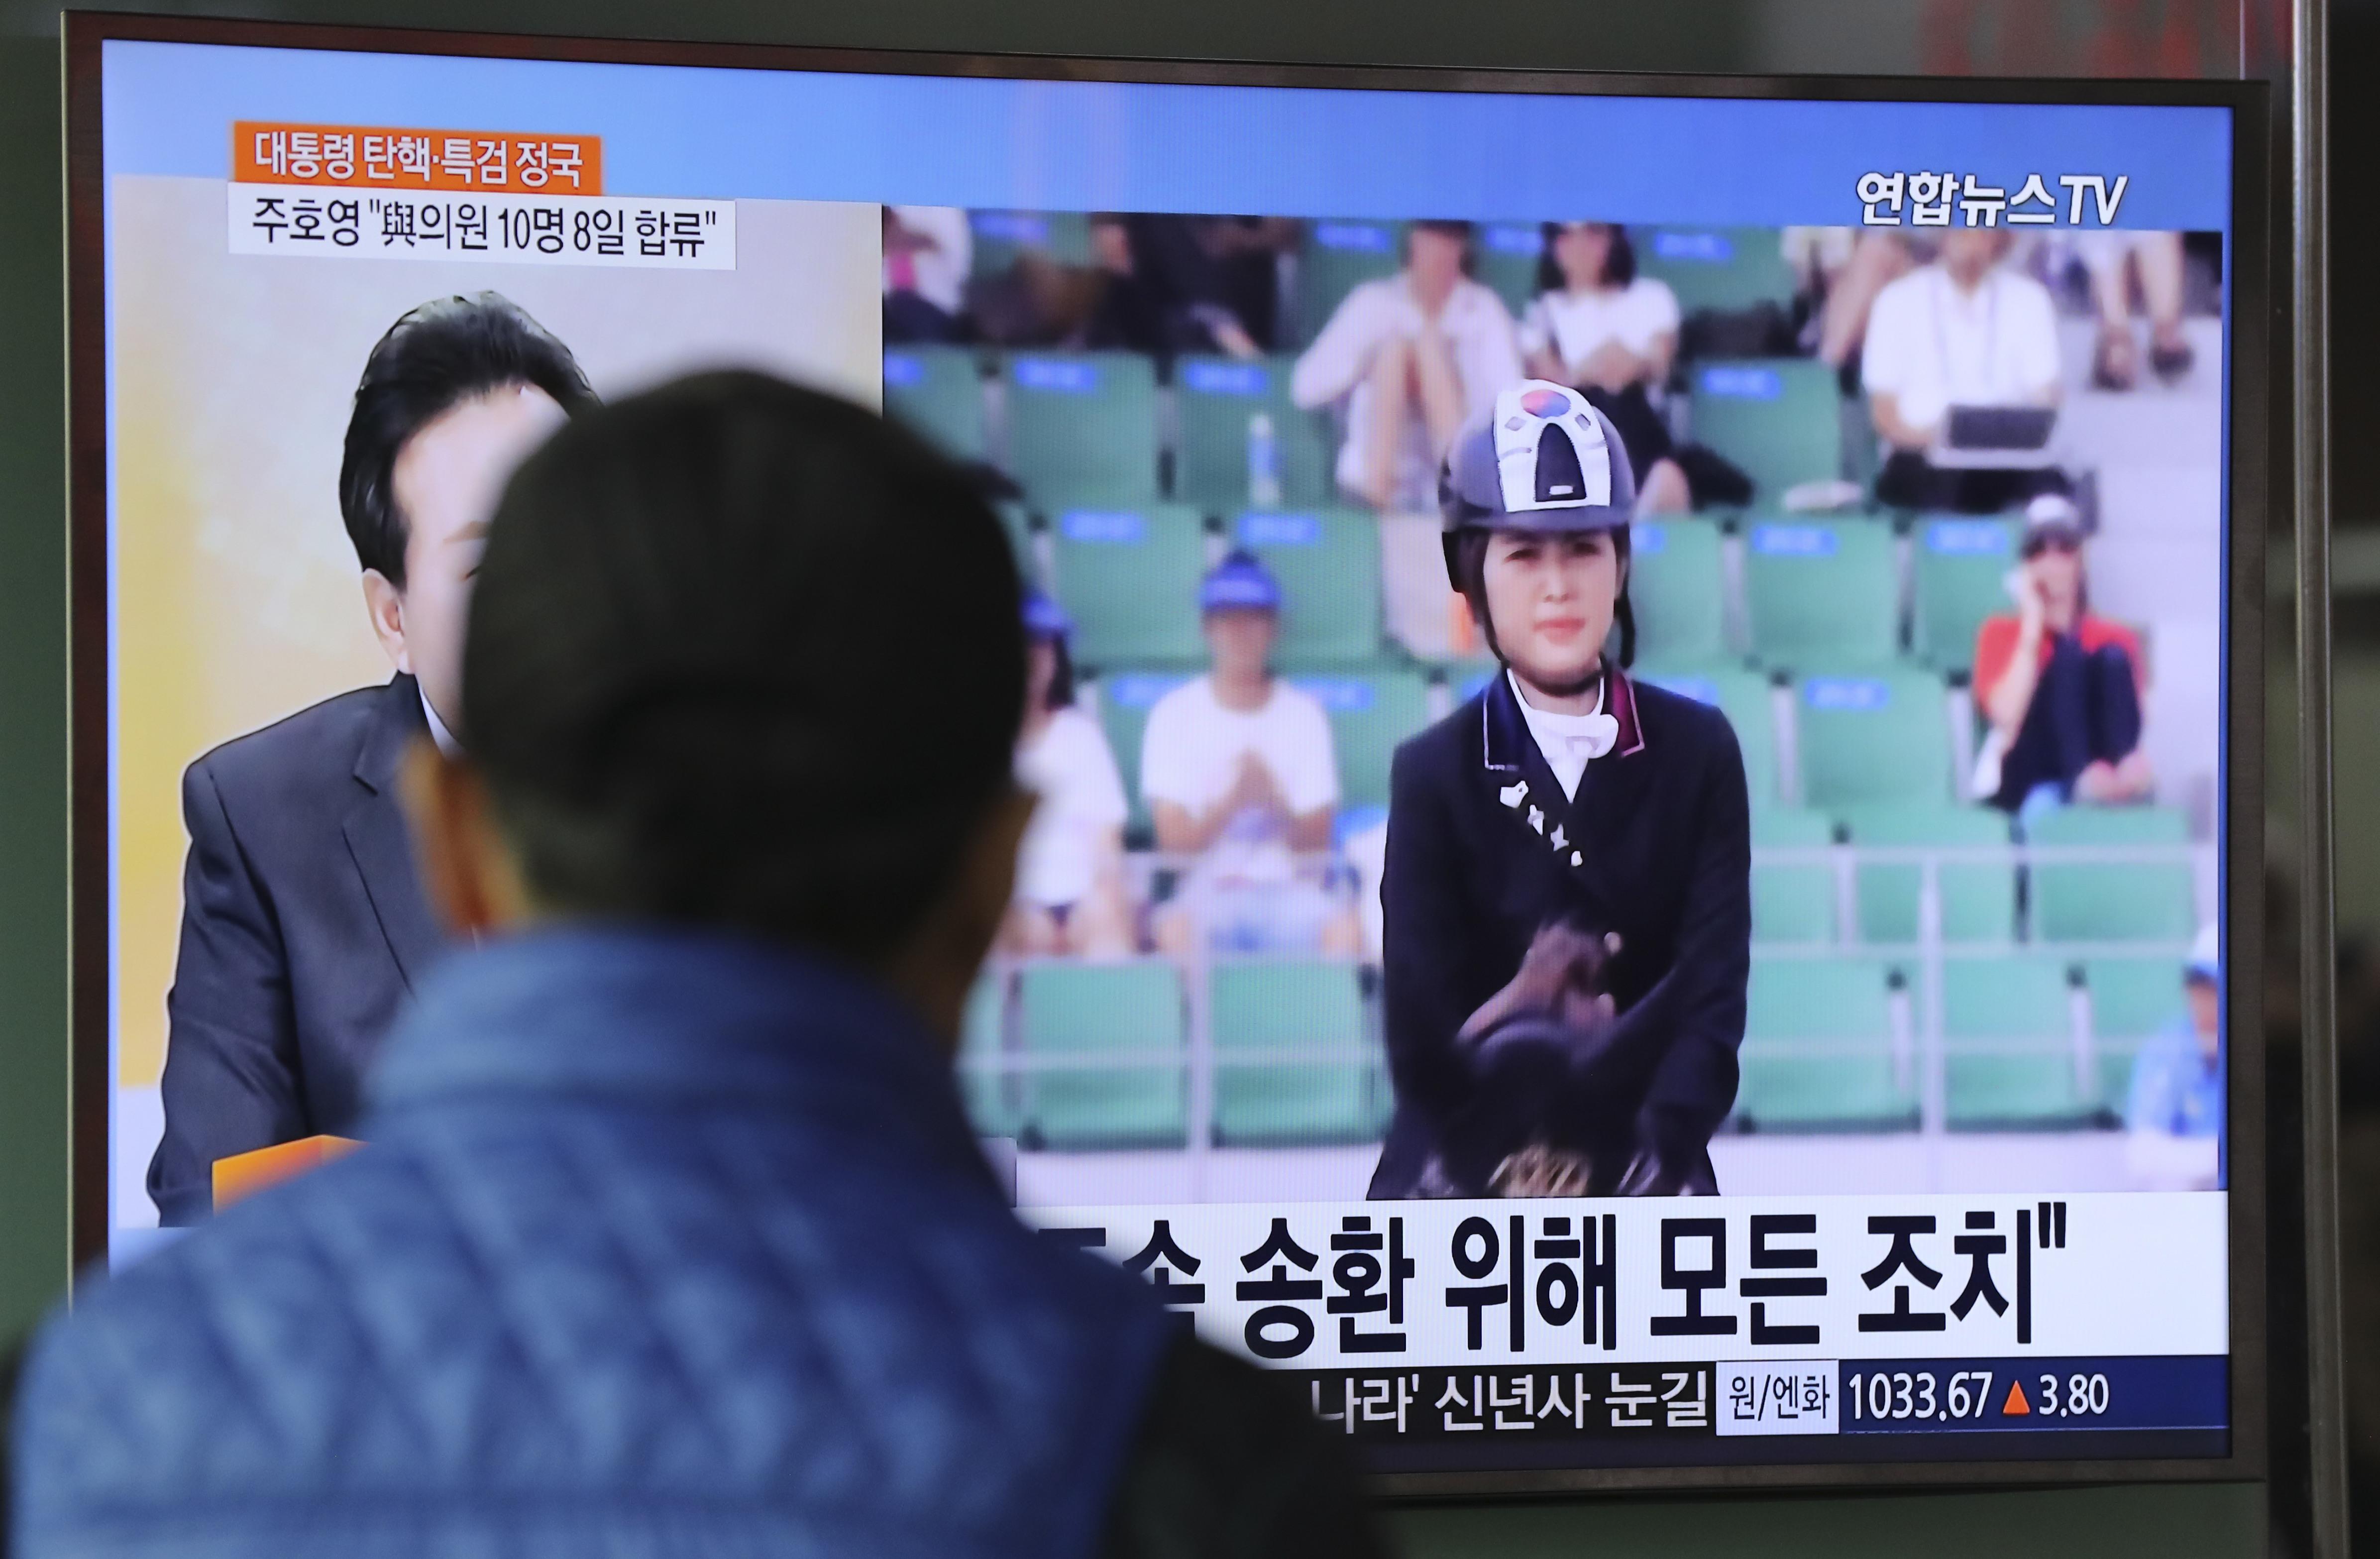 1月2日,在韩国首尔,一名男子观看崔顺实之女郑某被拘的新闻。(新华社/美联)